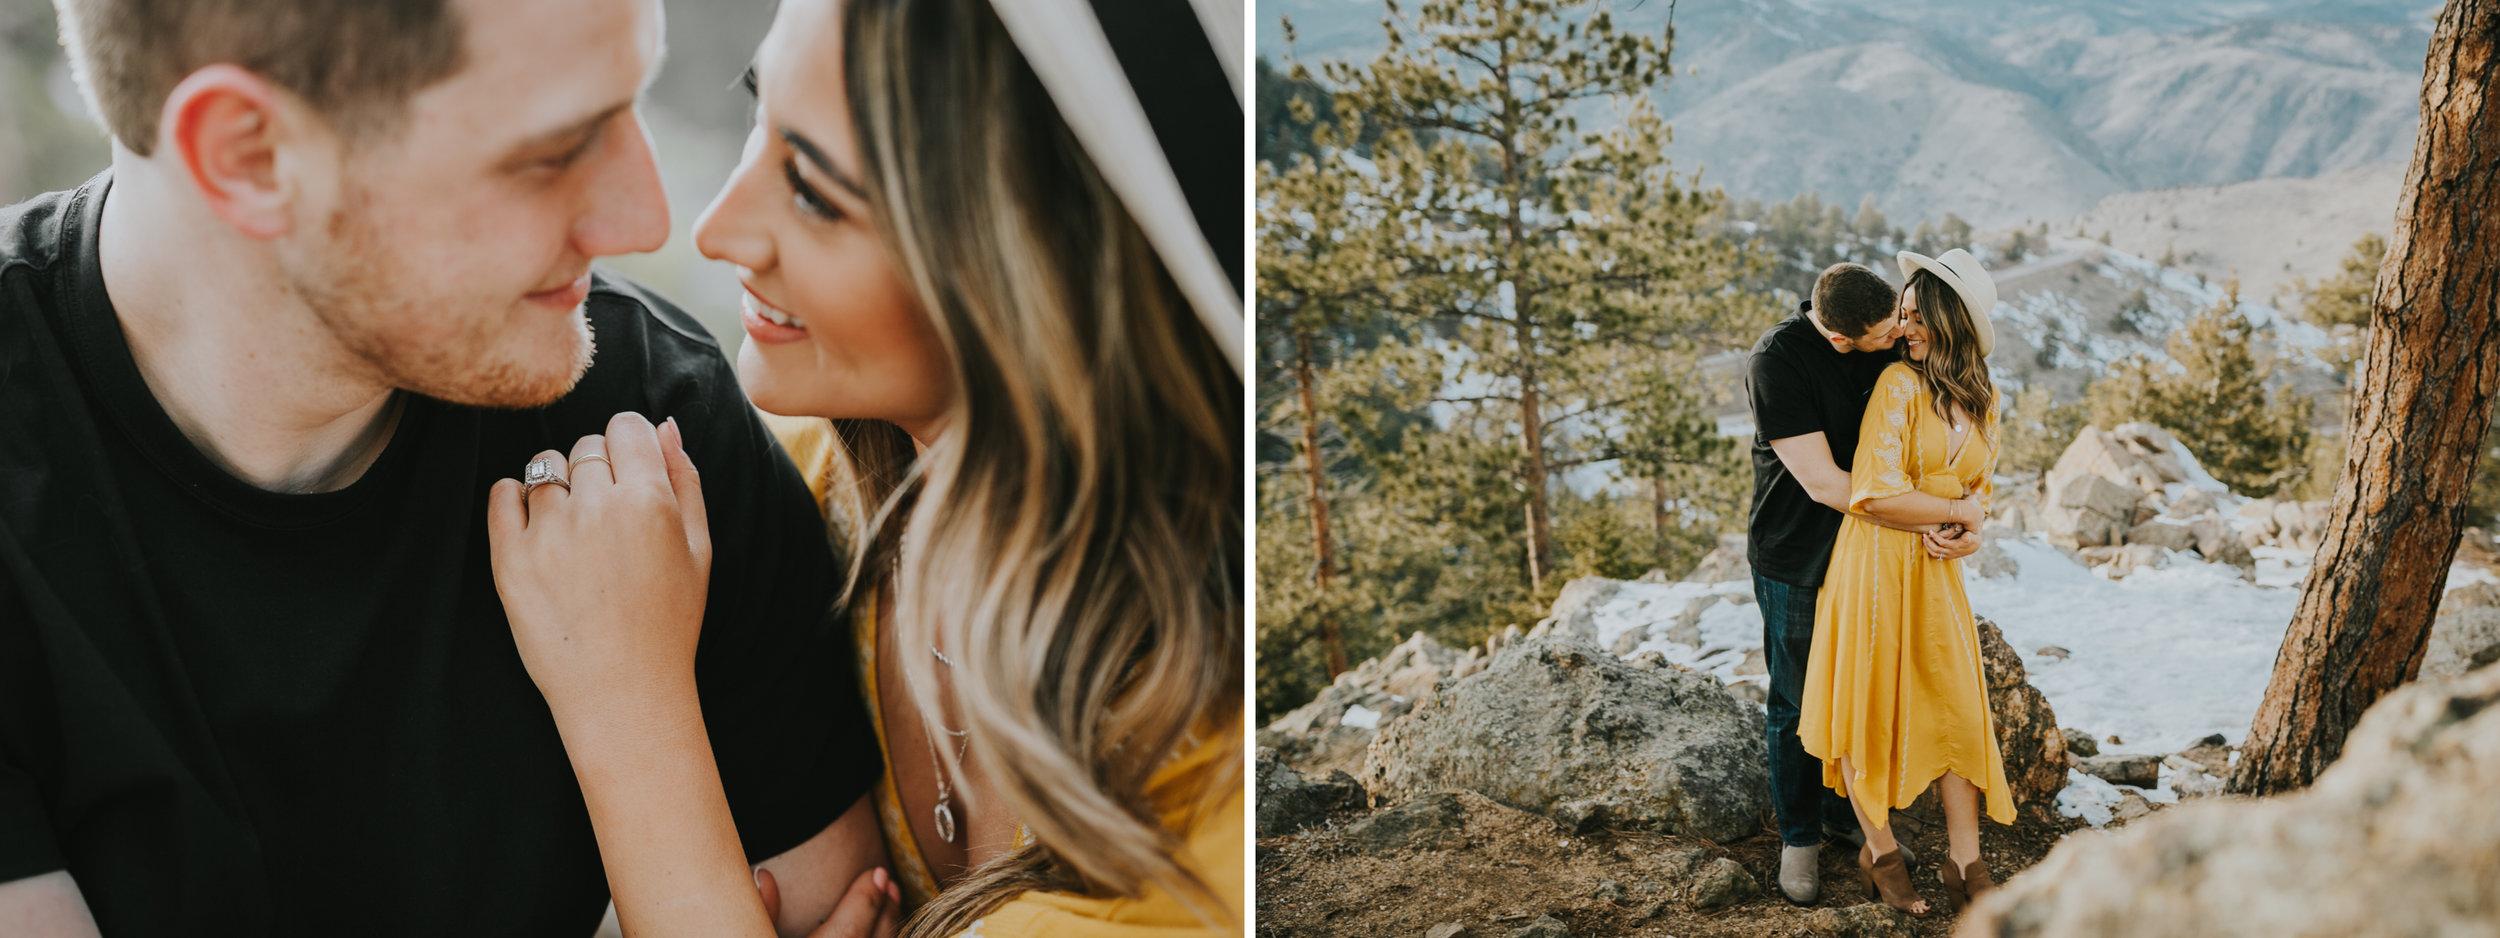 Lookout Mountain Park Denver Colorado Engagement Photographer 6.jpg